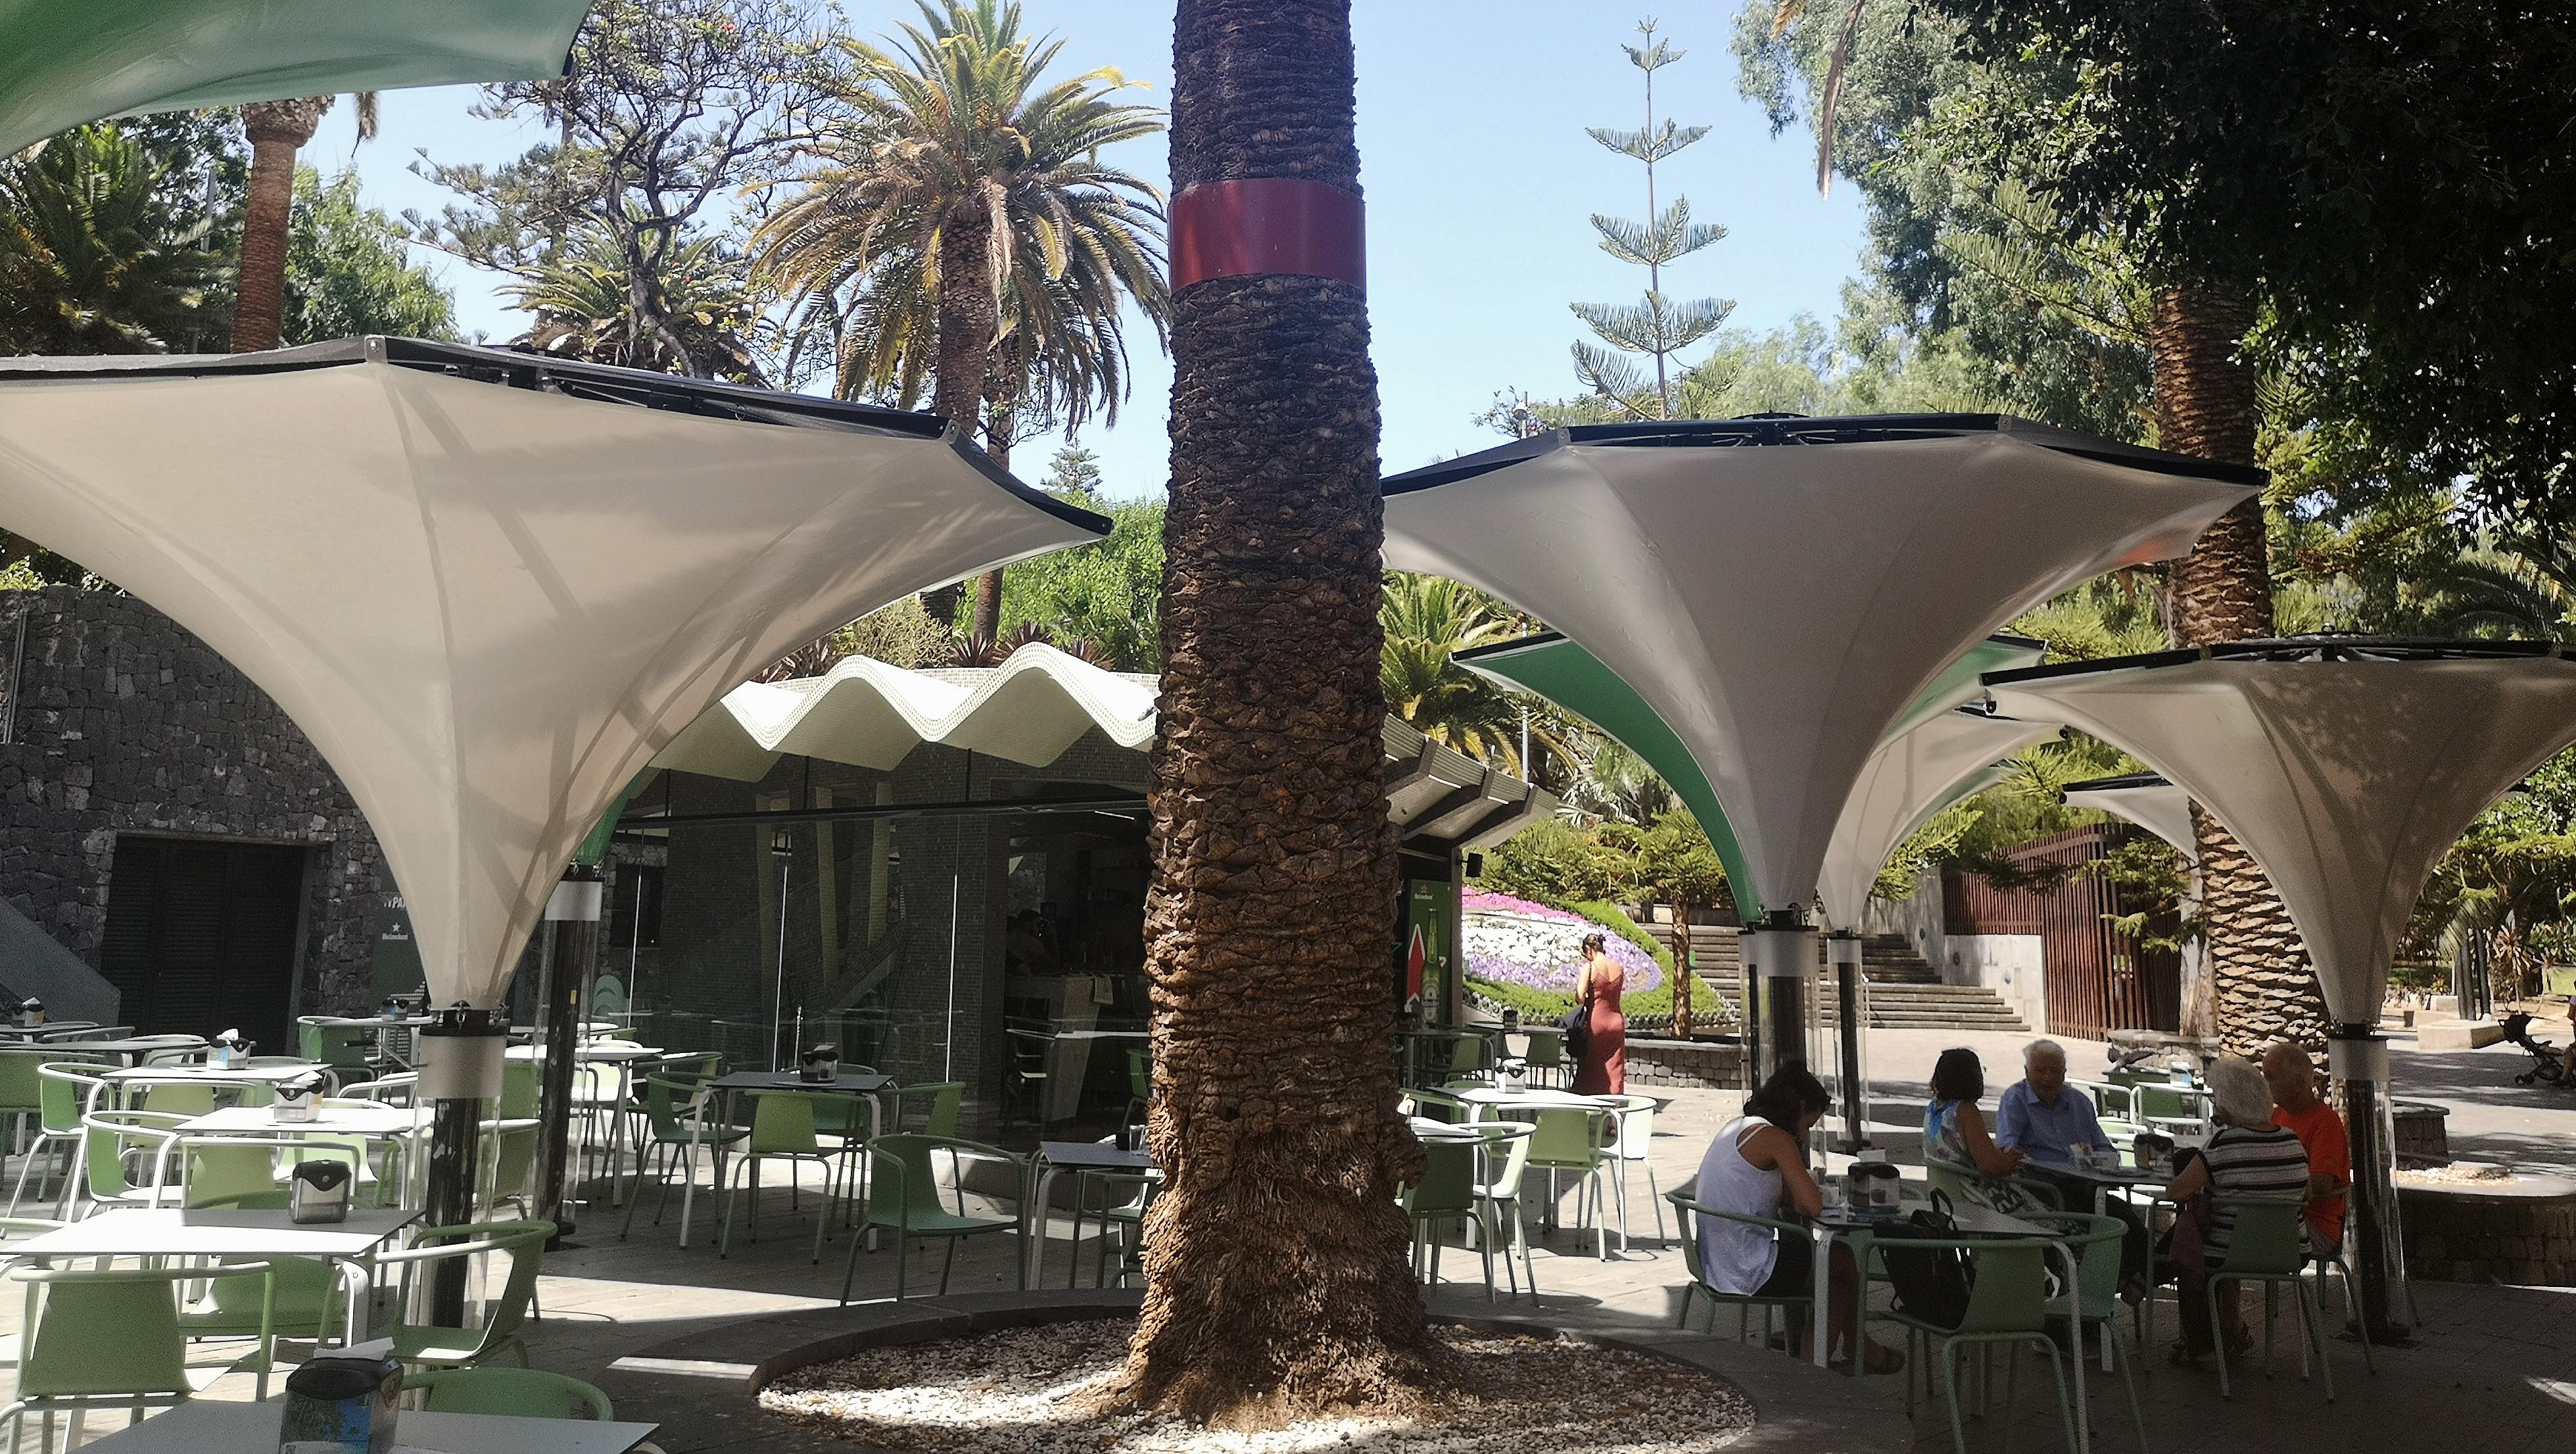 La Asociación Nuestro Patrimonio cuestiona el impactante diseño de los nuevos parasoles del quiosco del García Sanabria